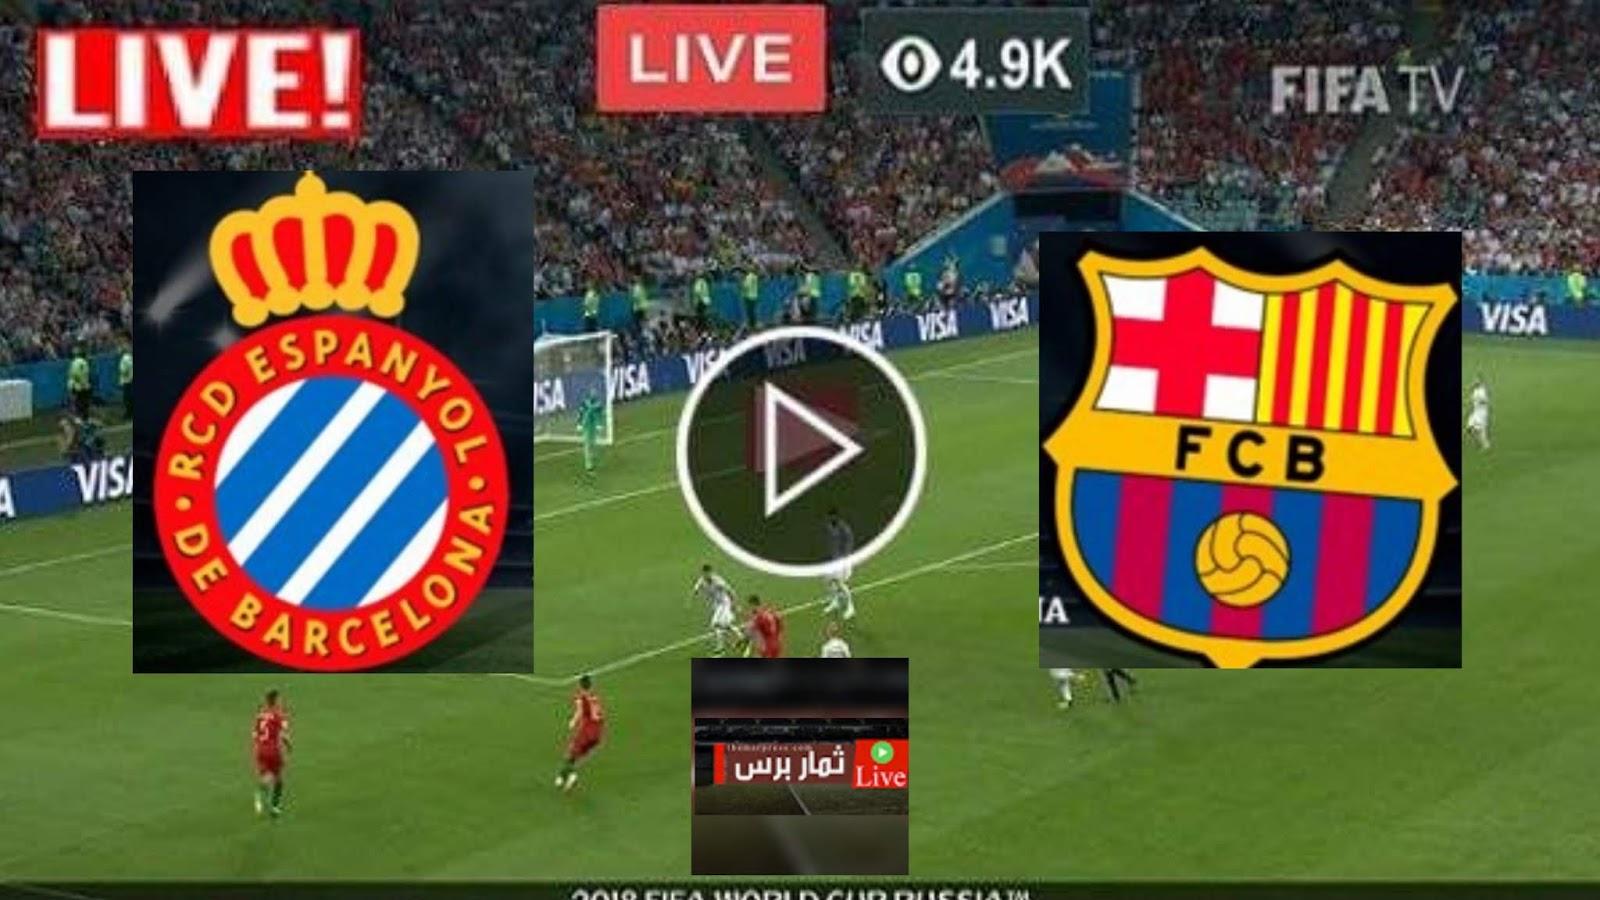 مشاهدة مباراة برشلونة واسبانيول بث مباشر بتاريخ 30-03-2019 الدوري الاسباني